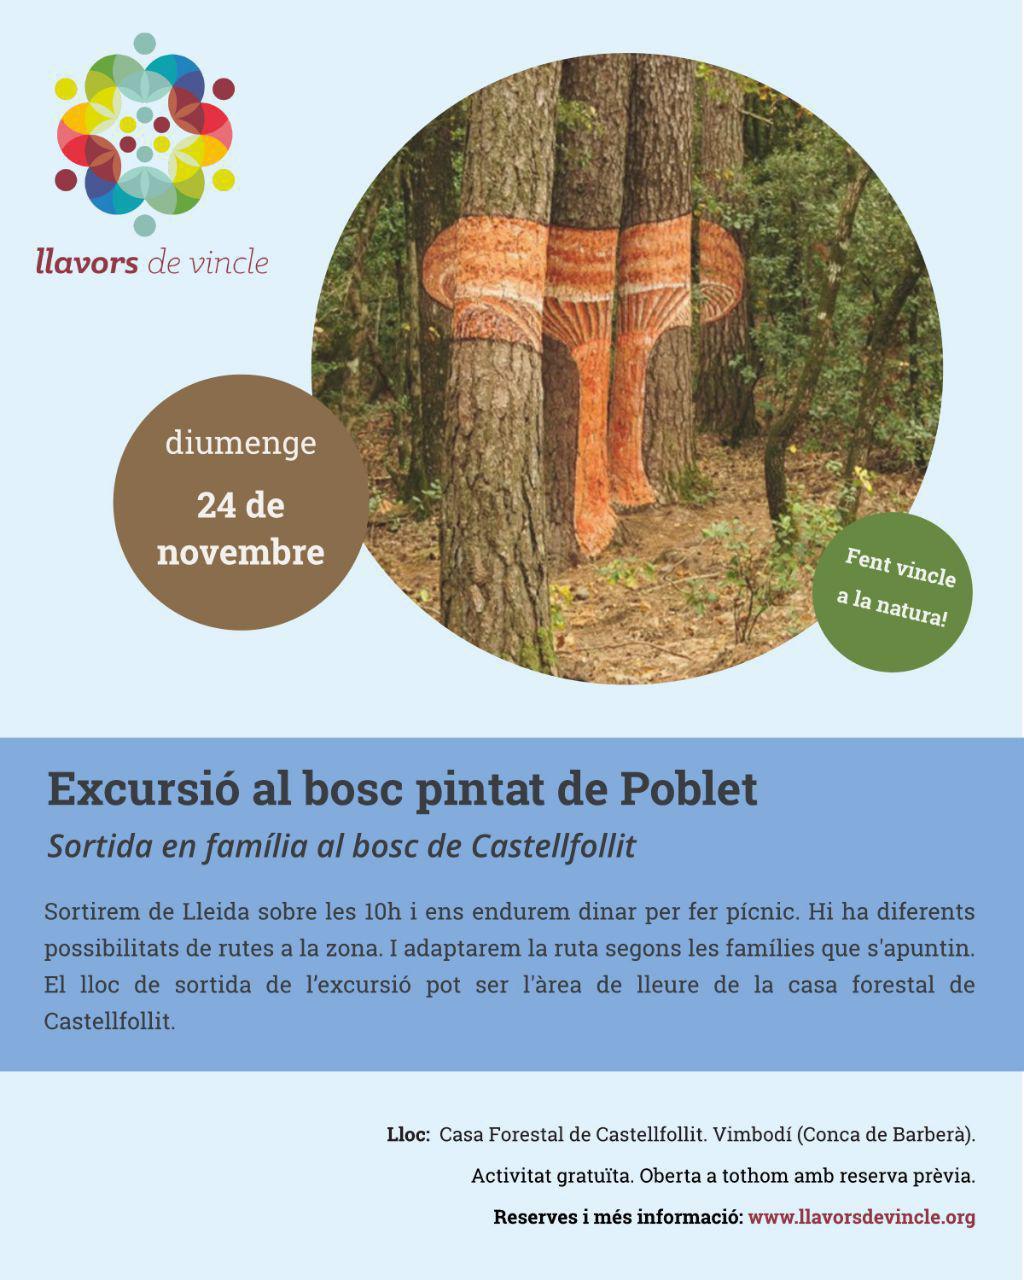 Excursió al bosc pintat de Poblet